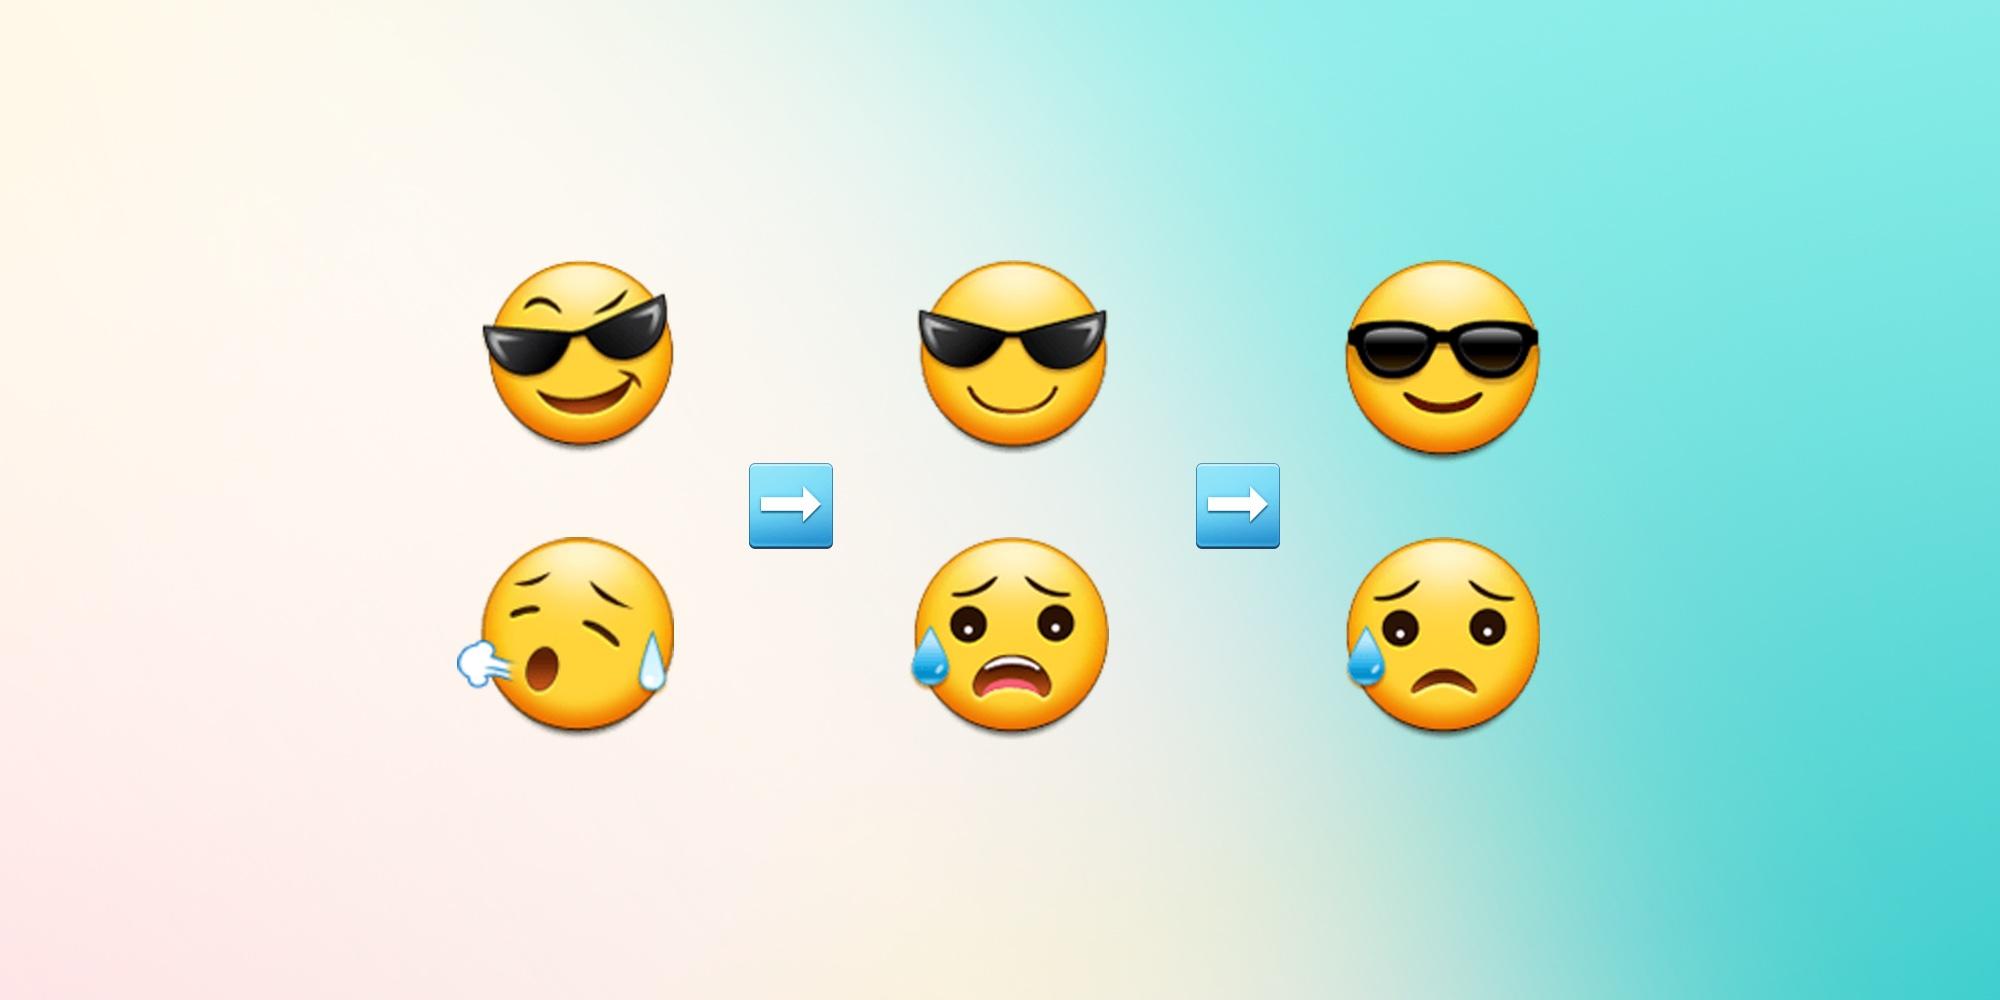 Samsung Experience 9 1 Emoji Changelog